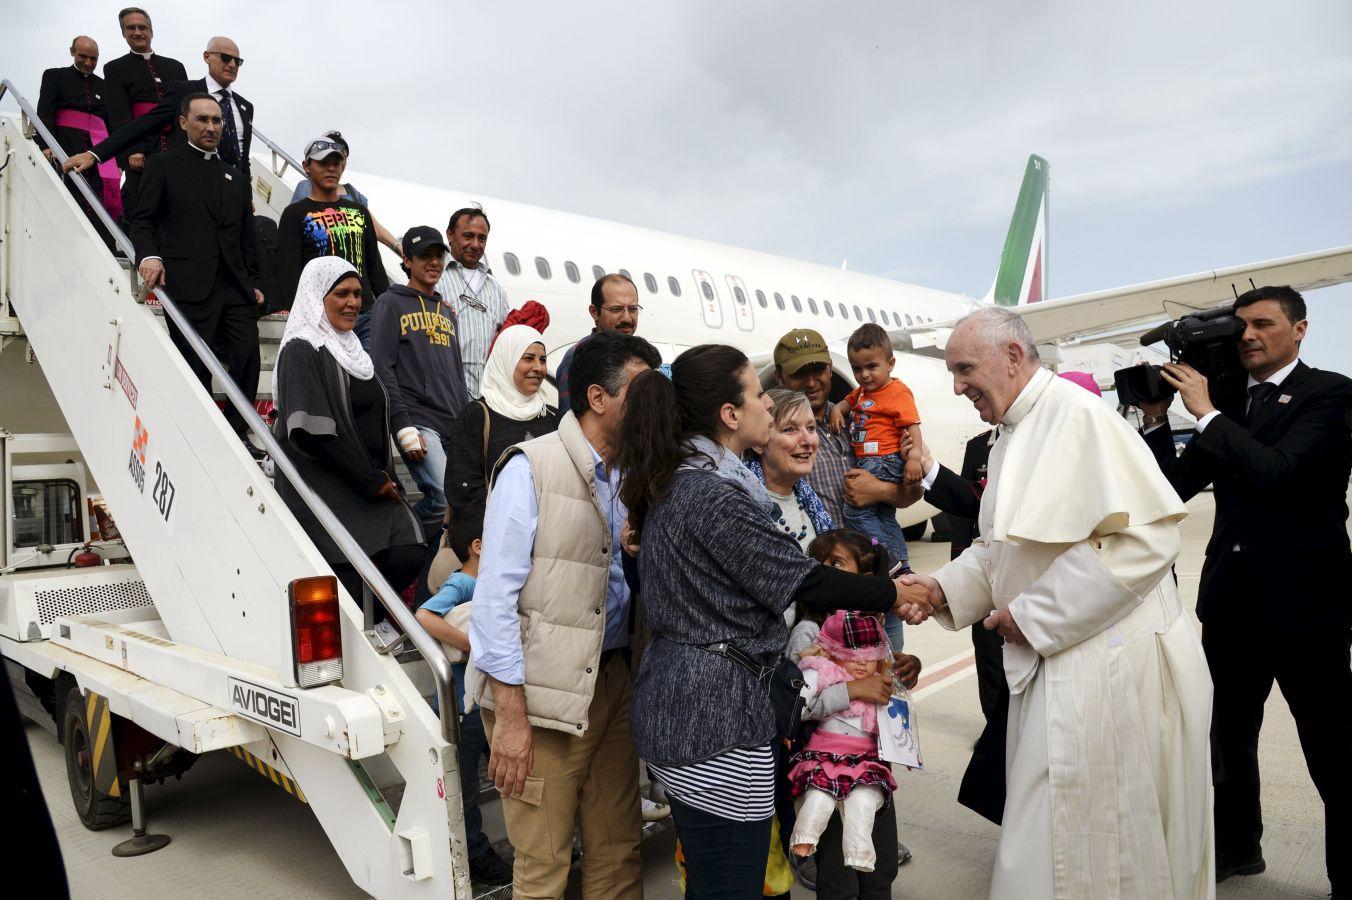 Папа призвал поддержать страны, принимающие большое число беженцев